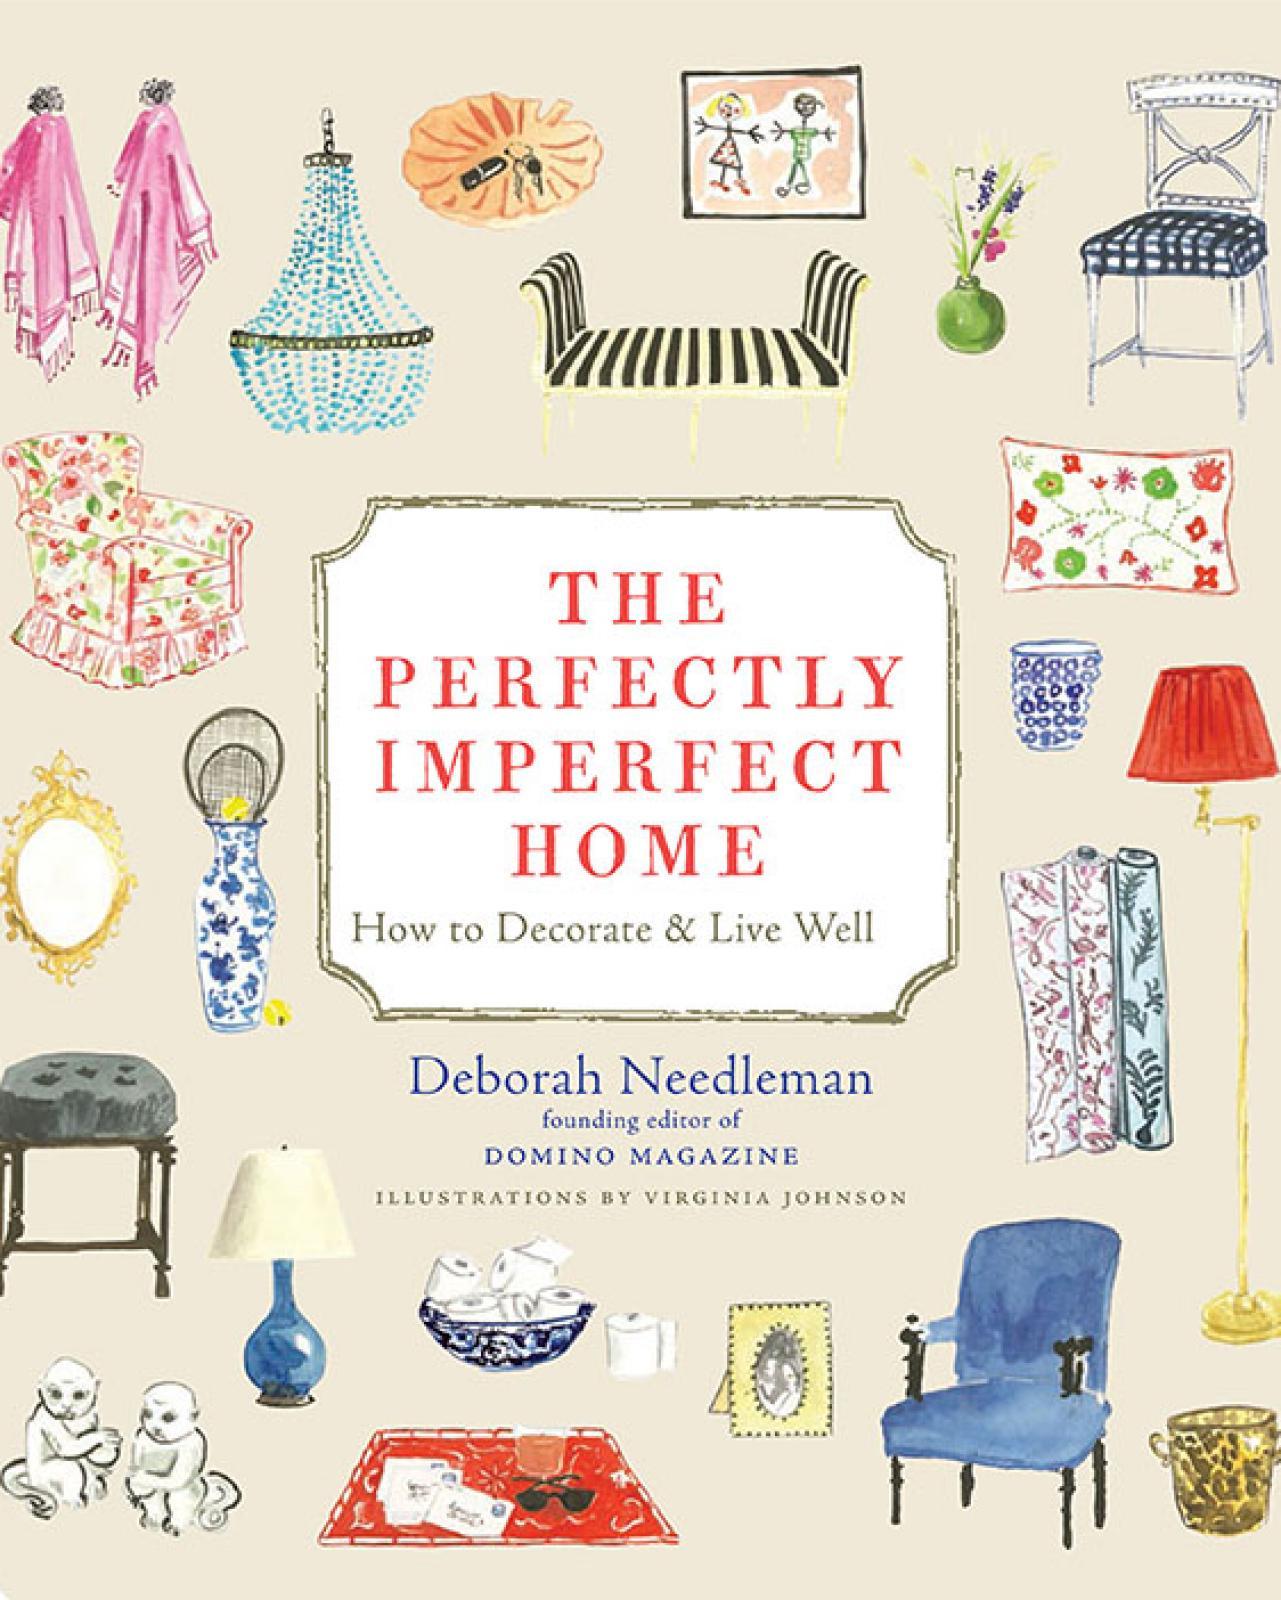 12 Design Books for Interior Design Lovers | HGTV's ...